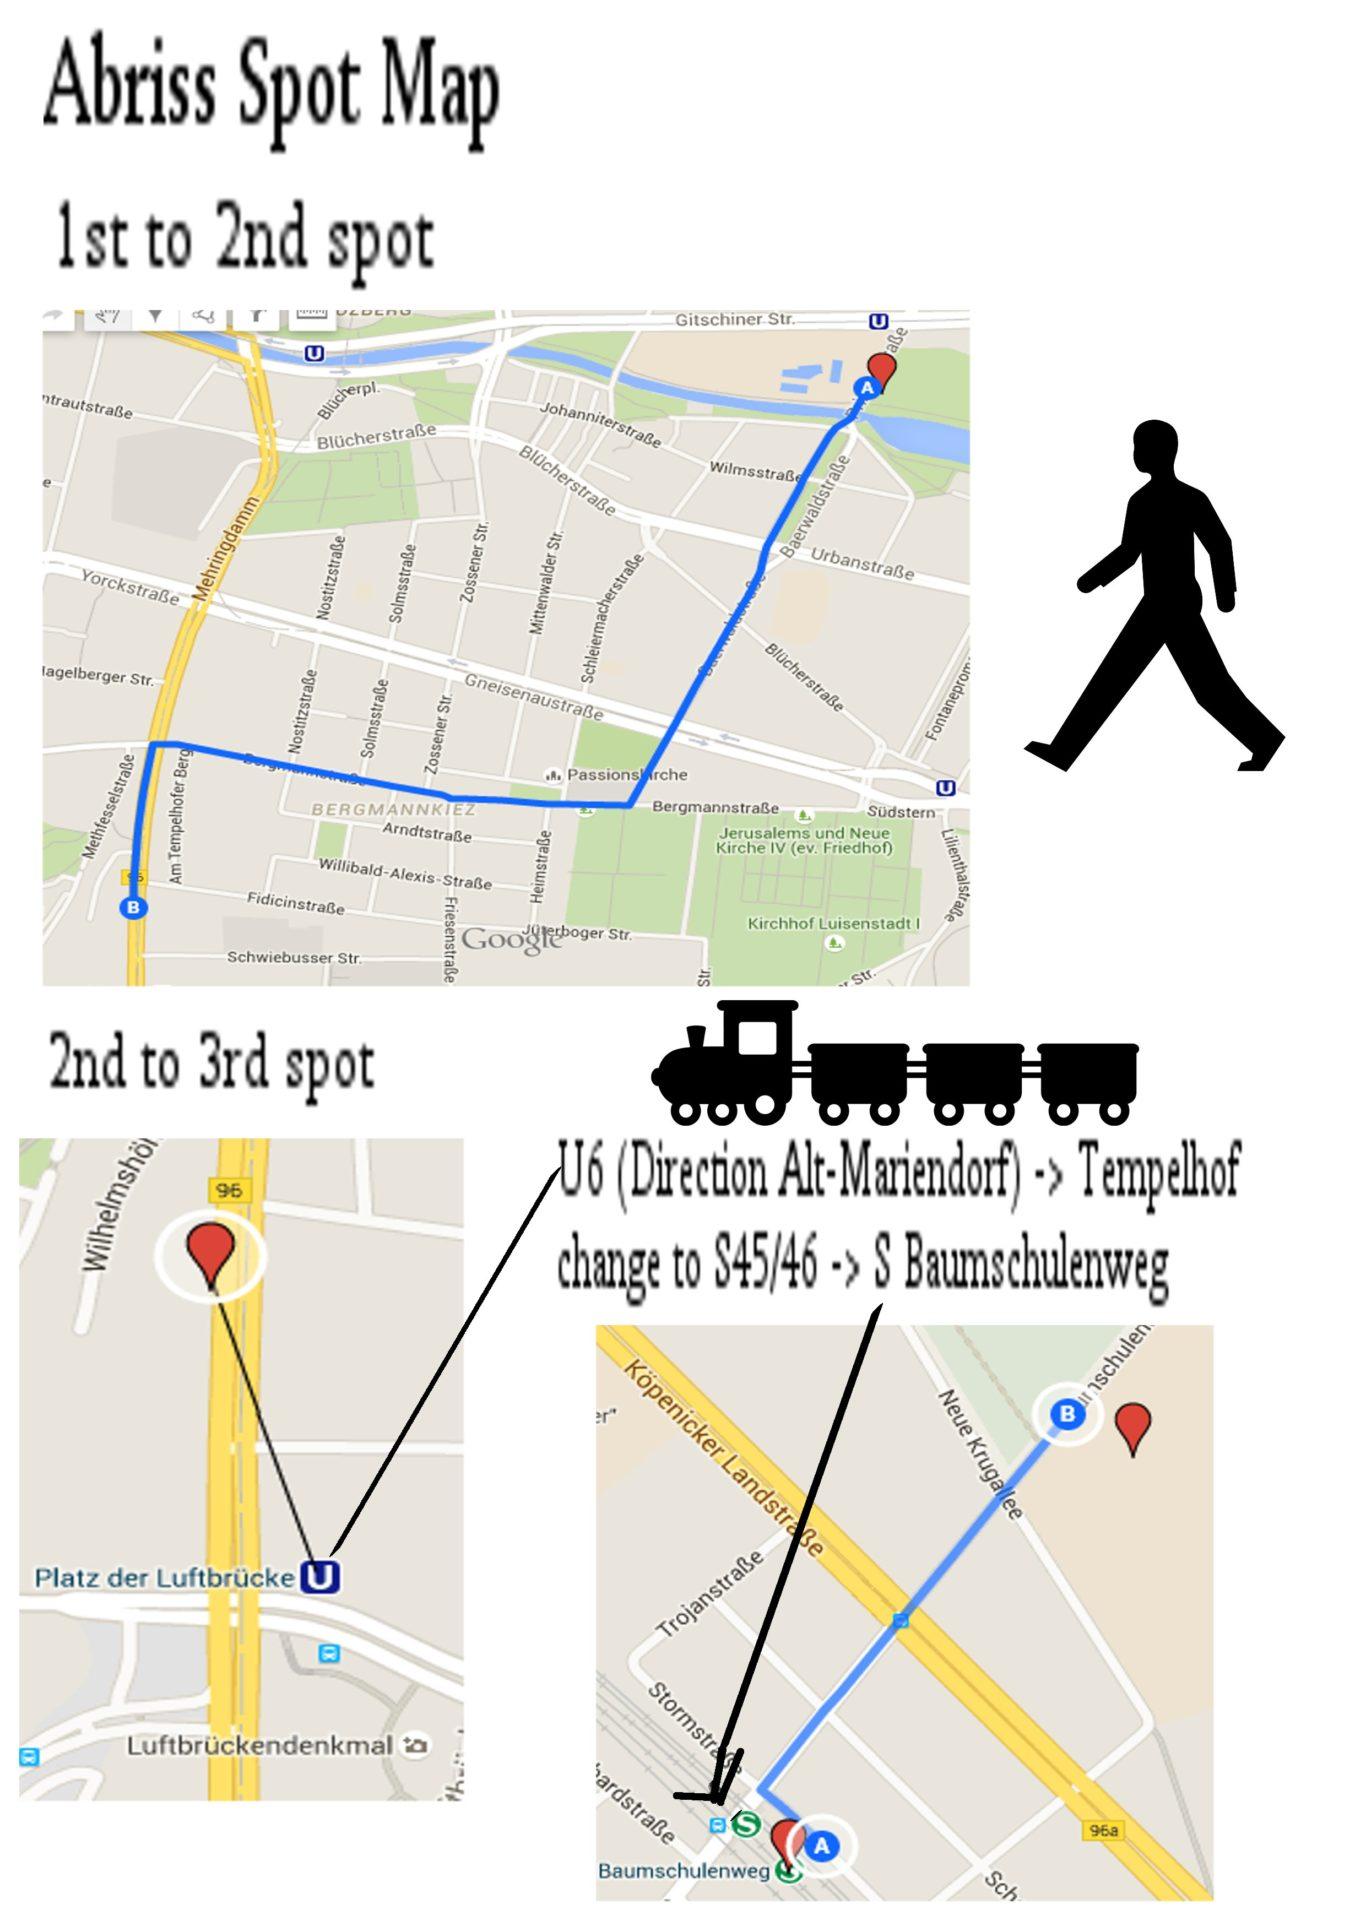 Abriss I - Spotmap